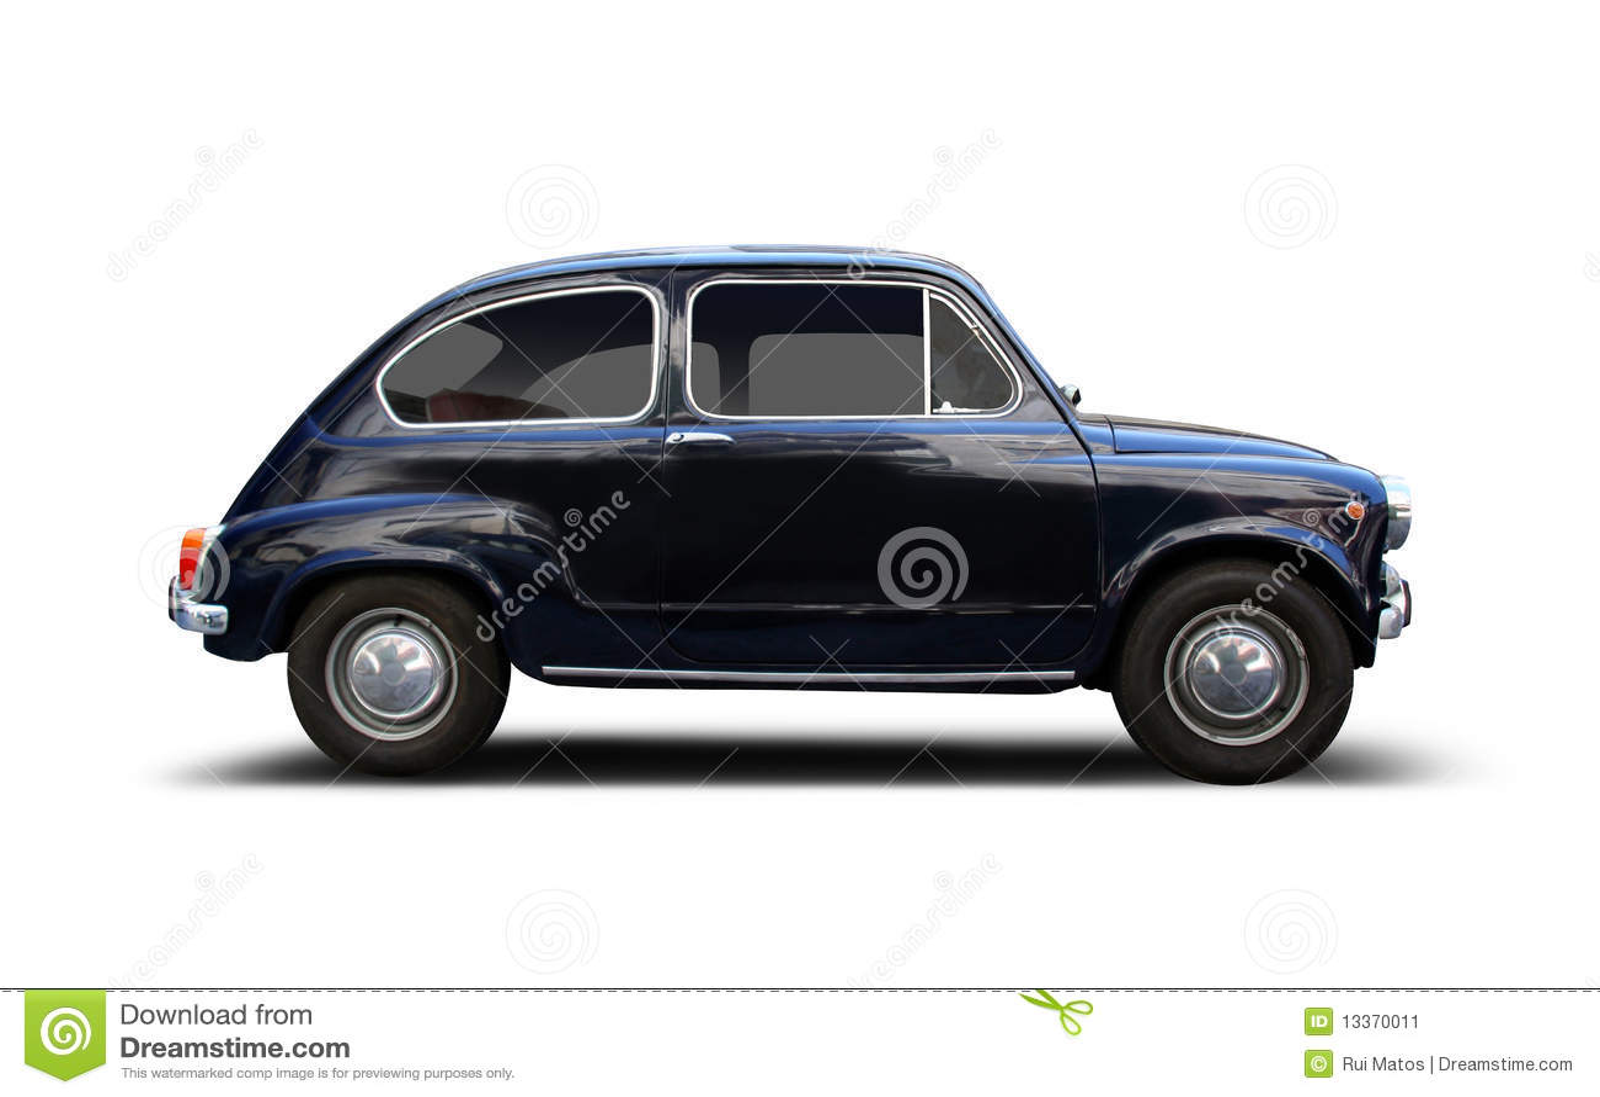 kleines auto stockbild bild von wei st dtisch schwarzes 13370011. Black Bedroom Furniture Sets. Home Design Ideas